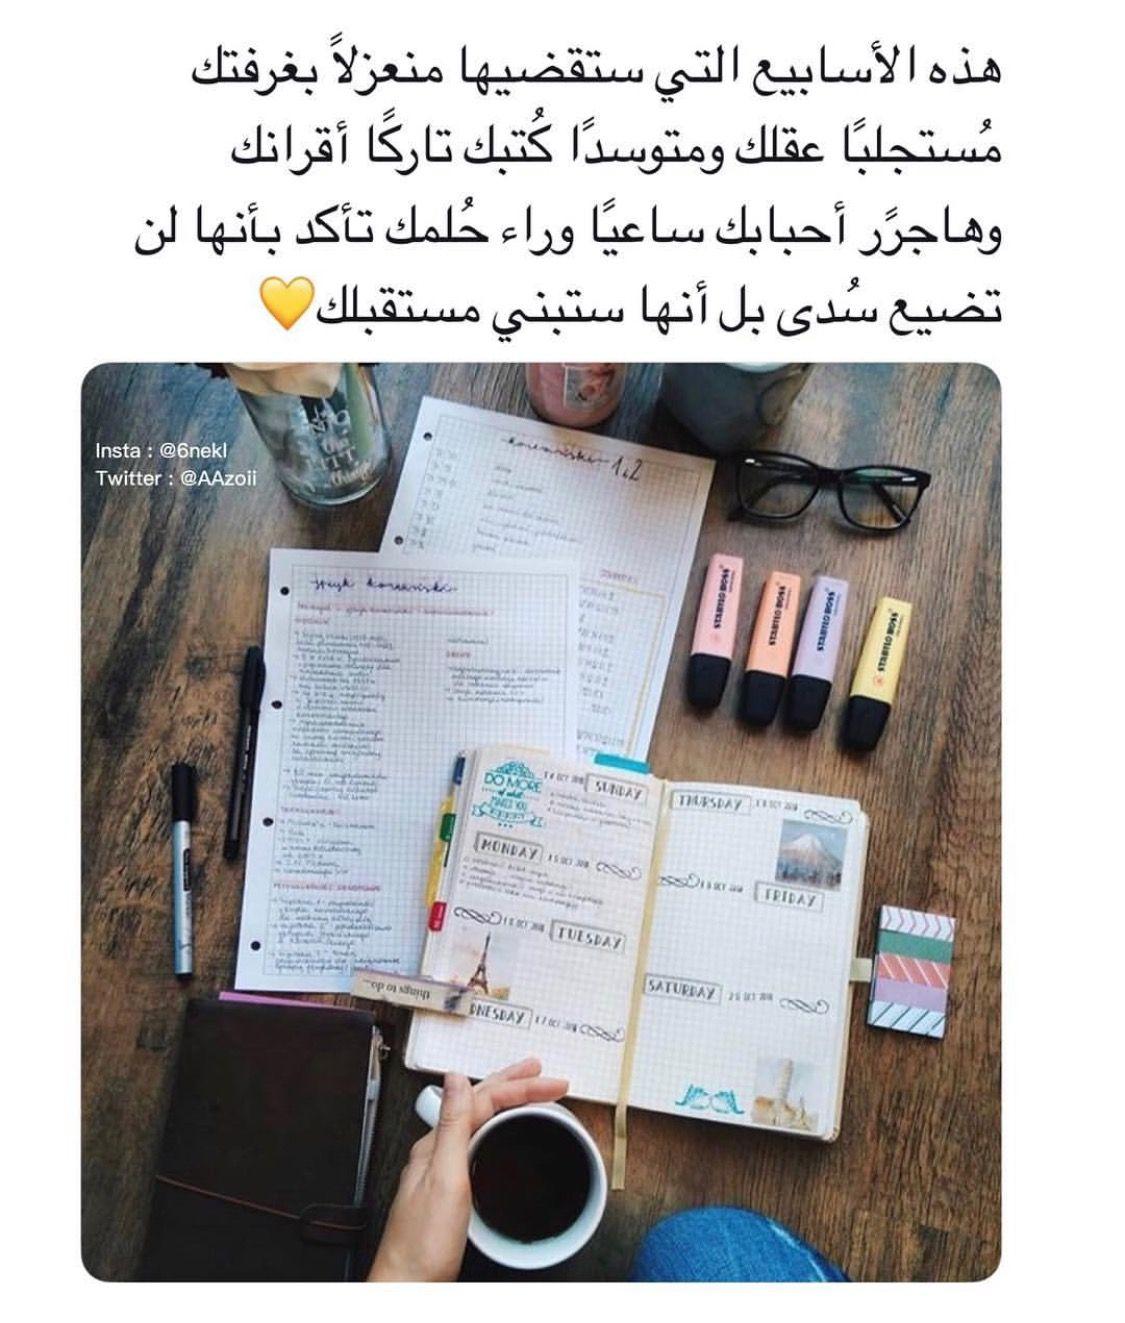 ان الله لا يضيع أجر من أحسن عملا Study Quotes Inspirational Quotes Motivation Study Motivation Quotes